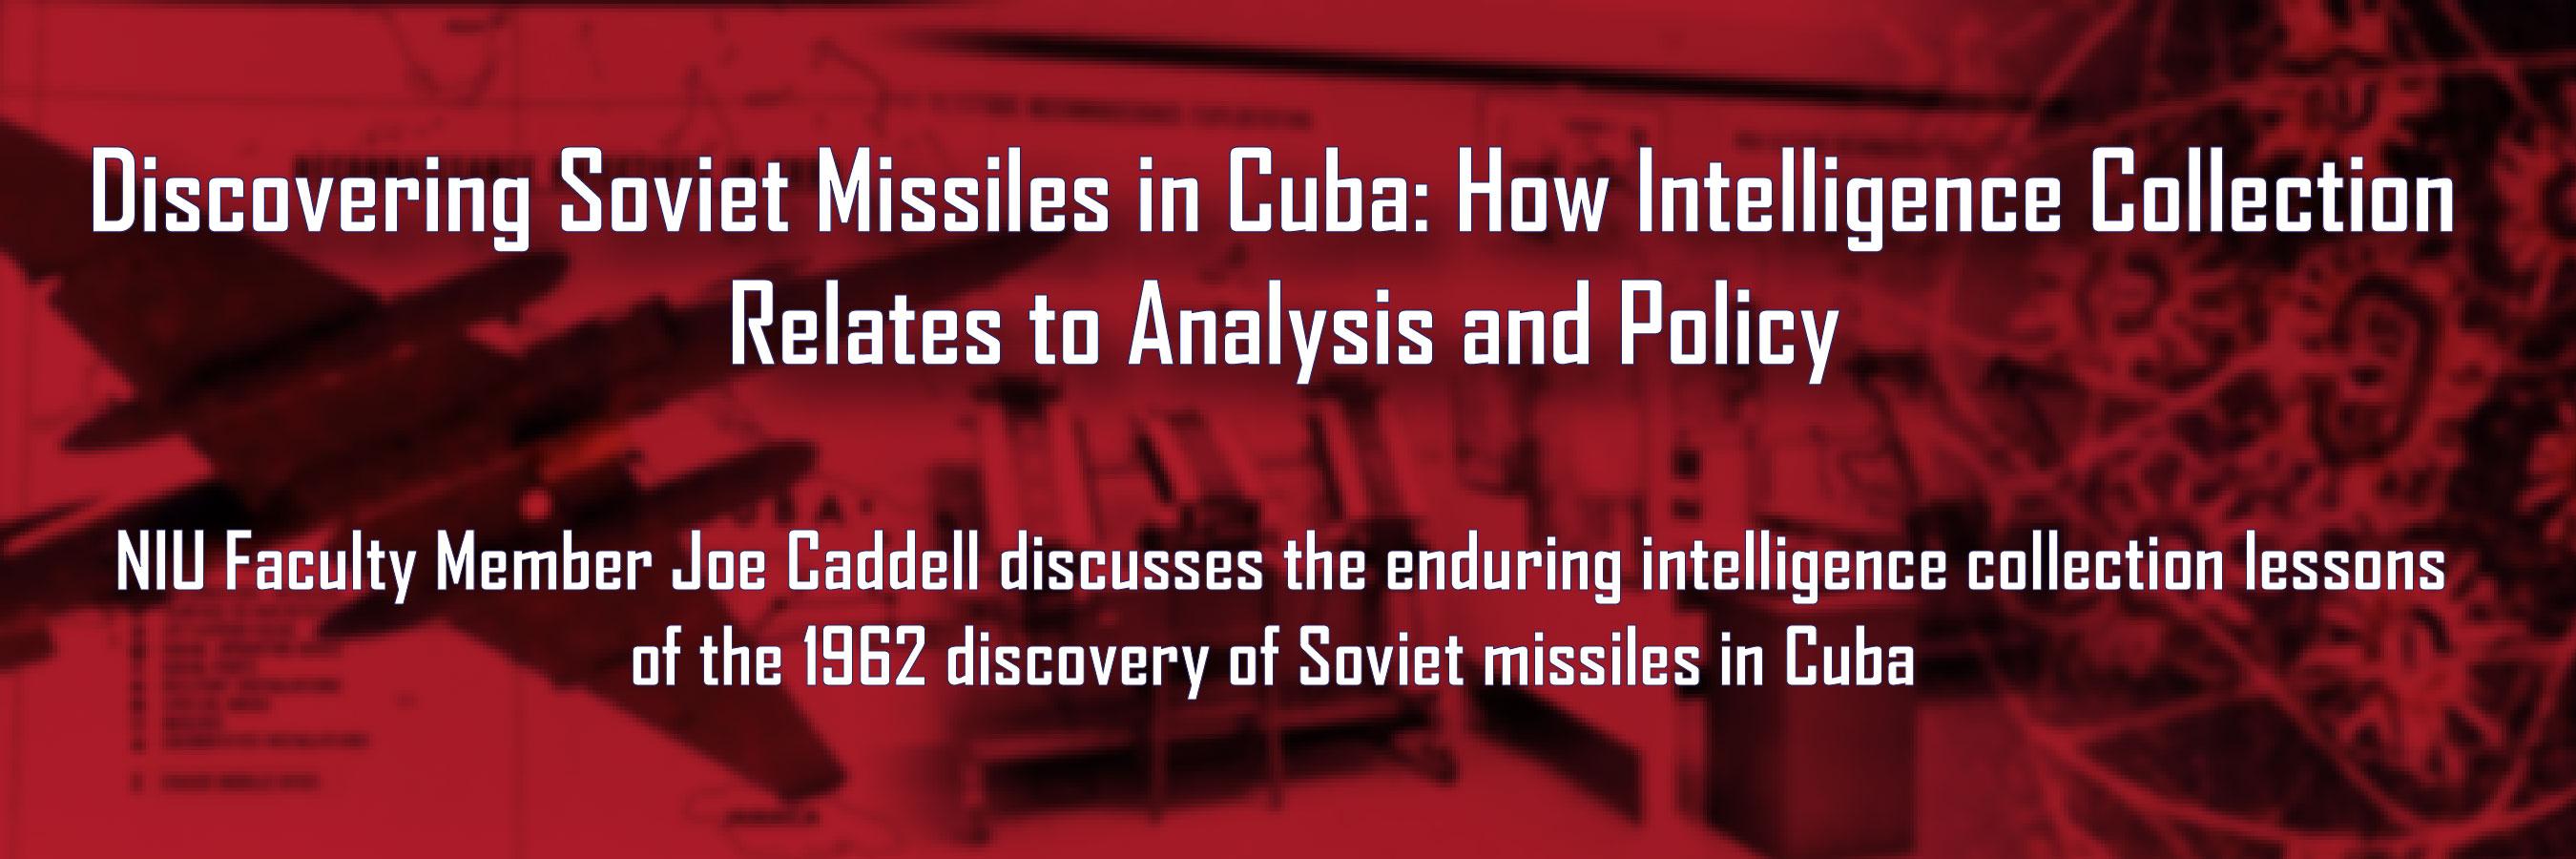 Soviet Missiles in Cuba_rev2-01